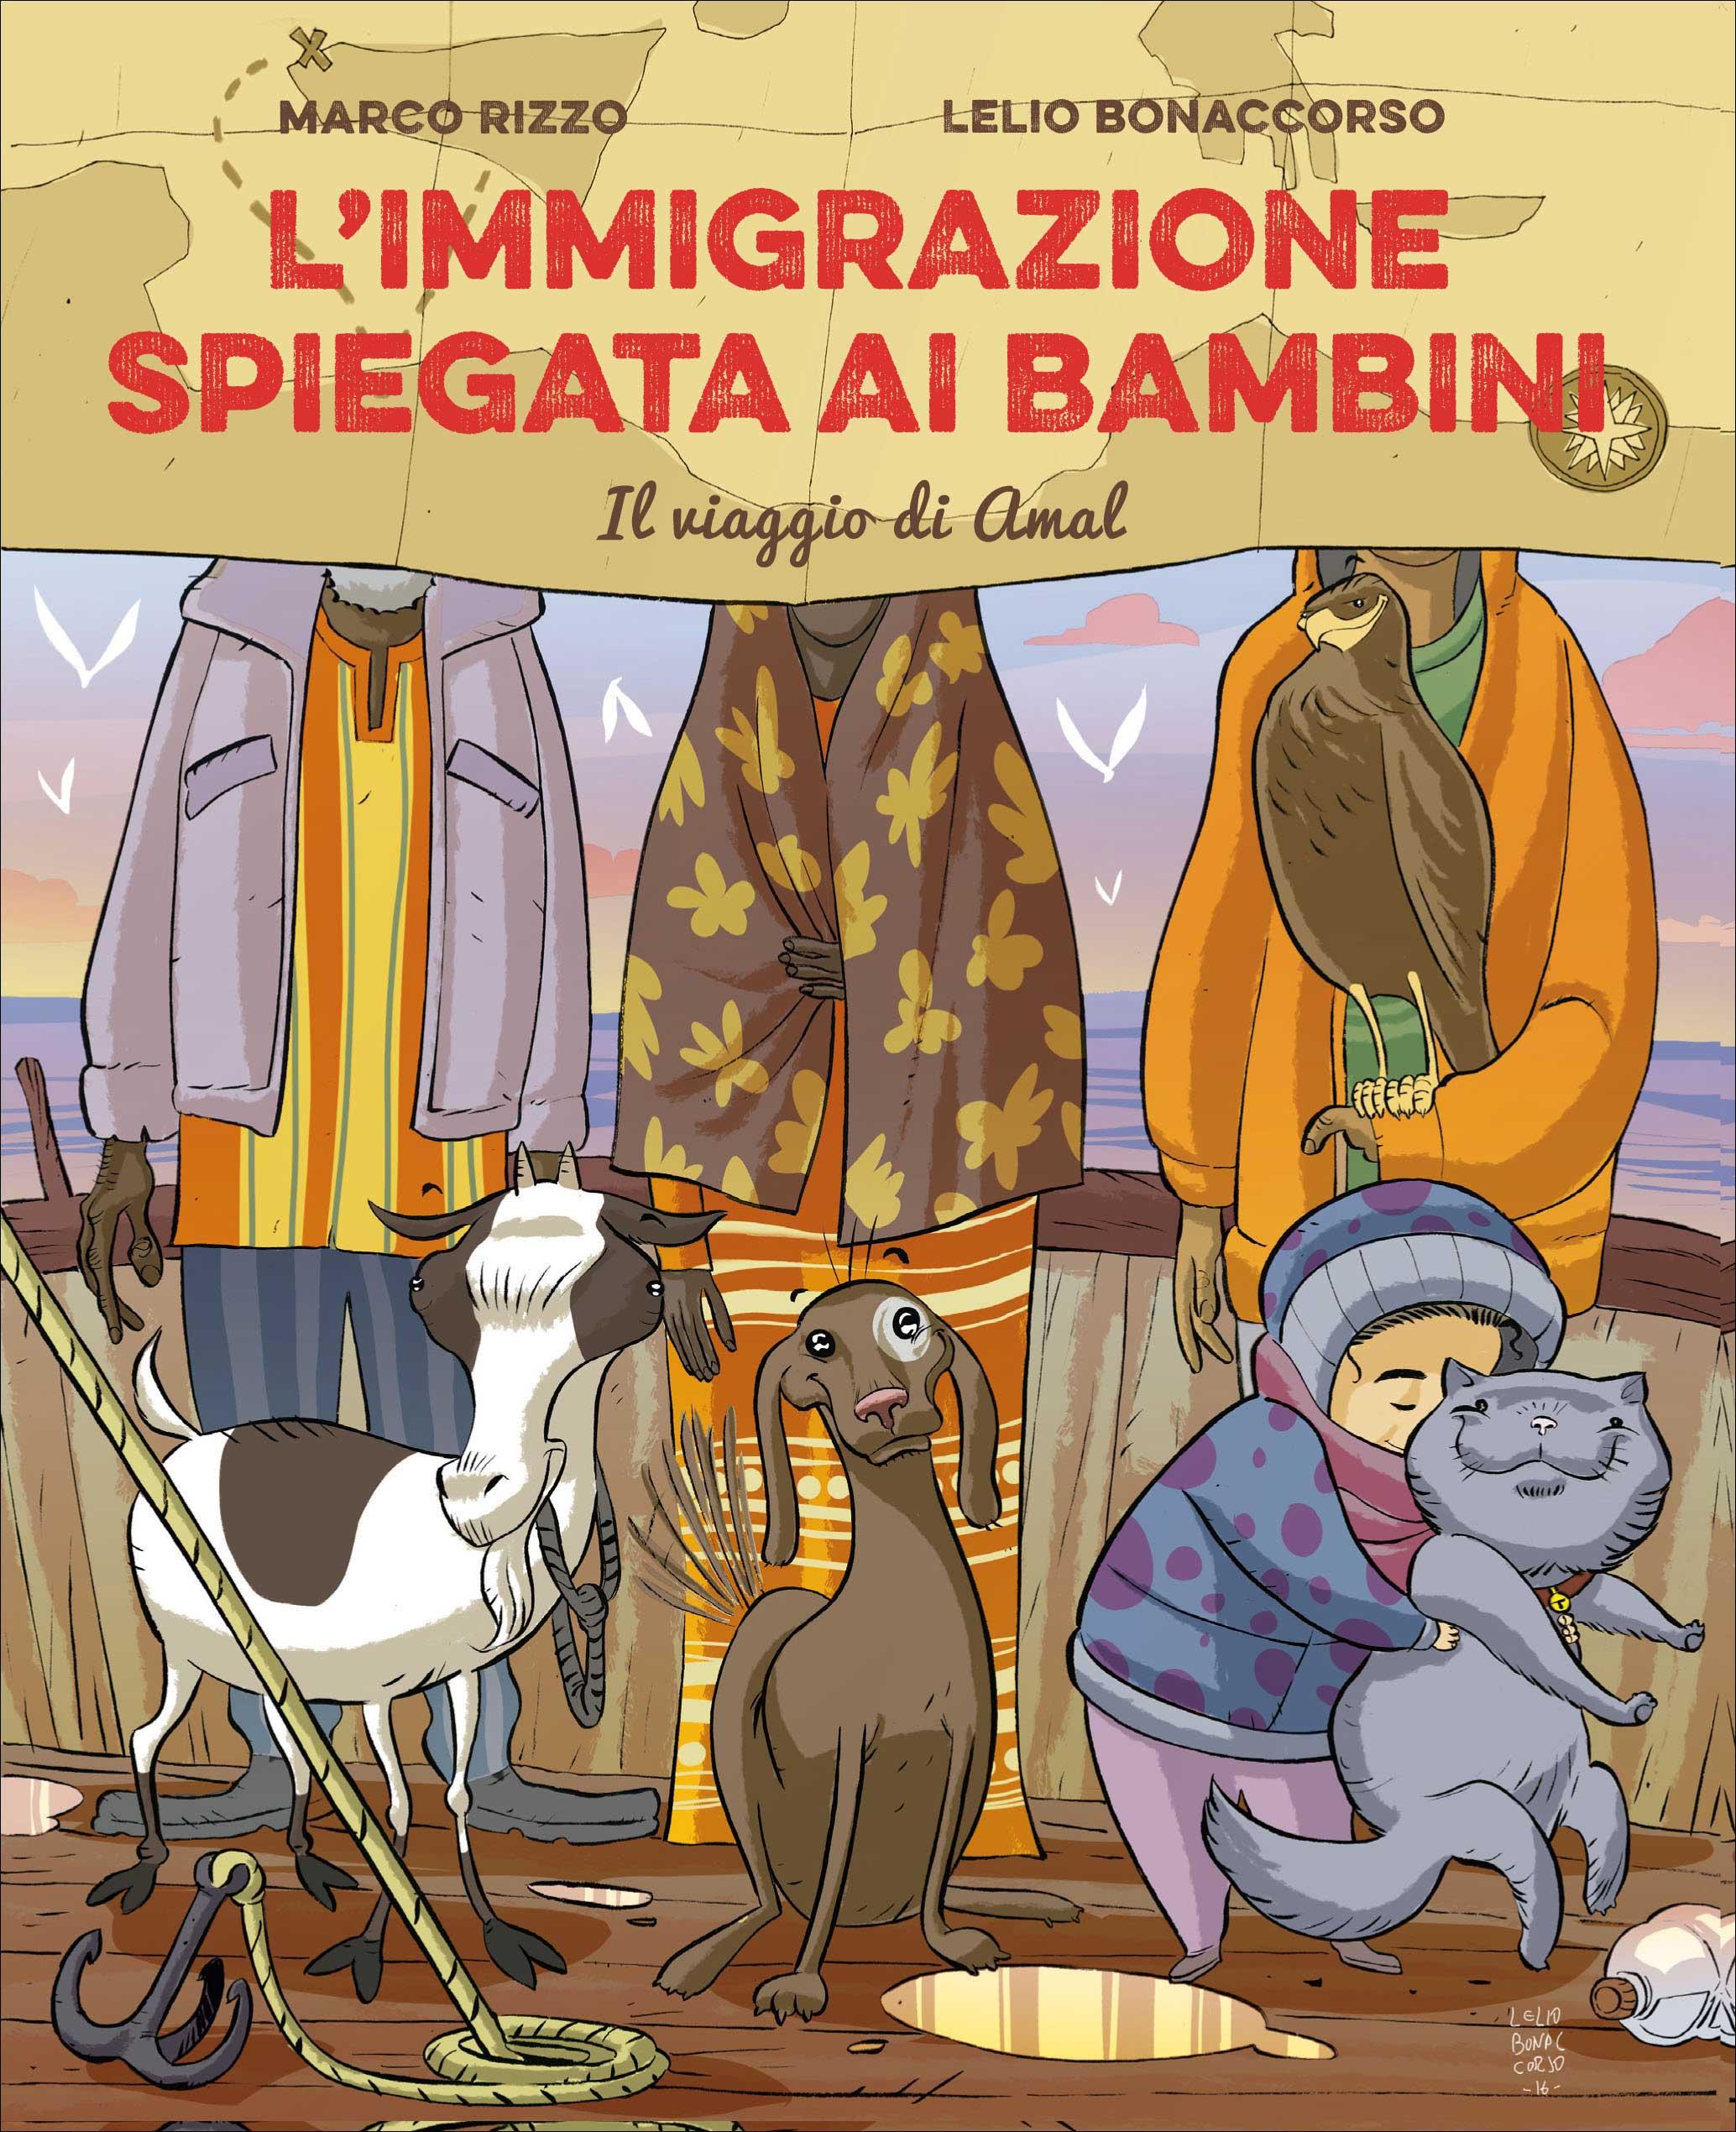 Immigrazione spiegata ai bambini, L'